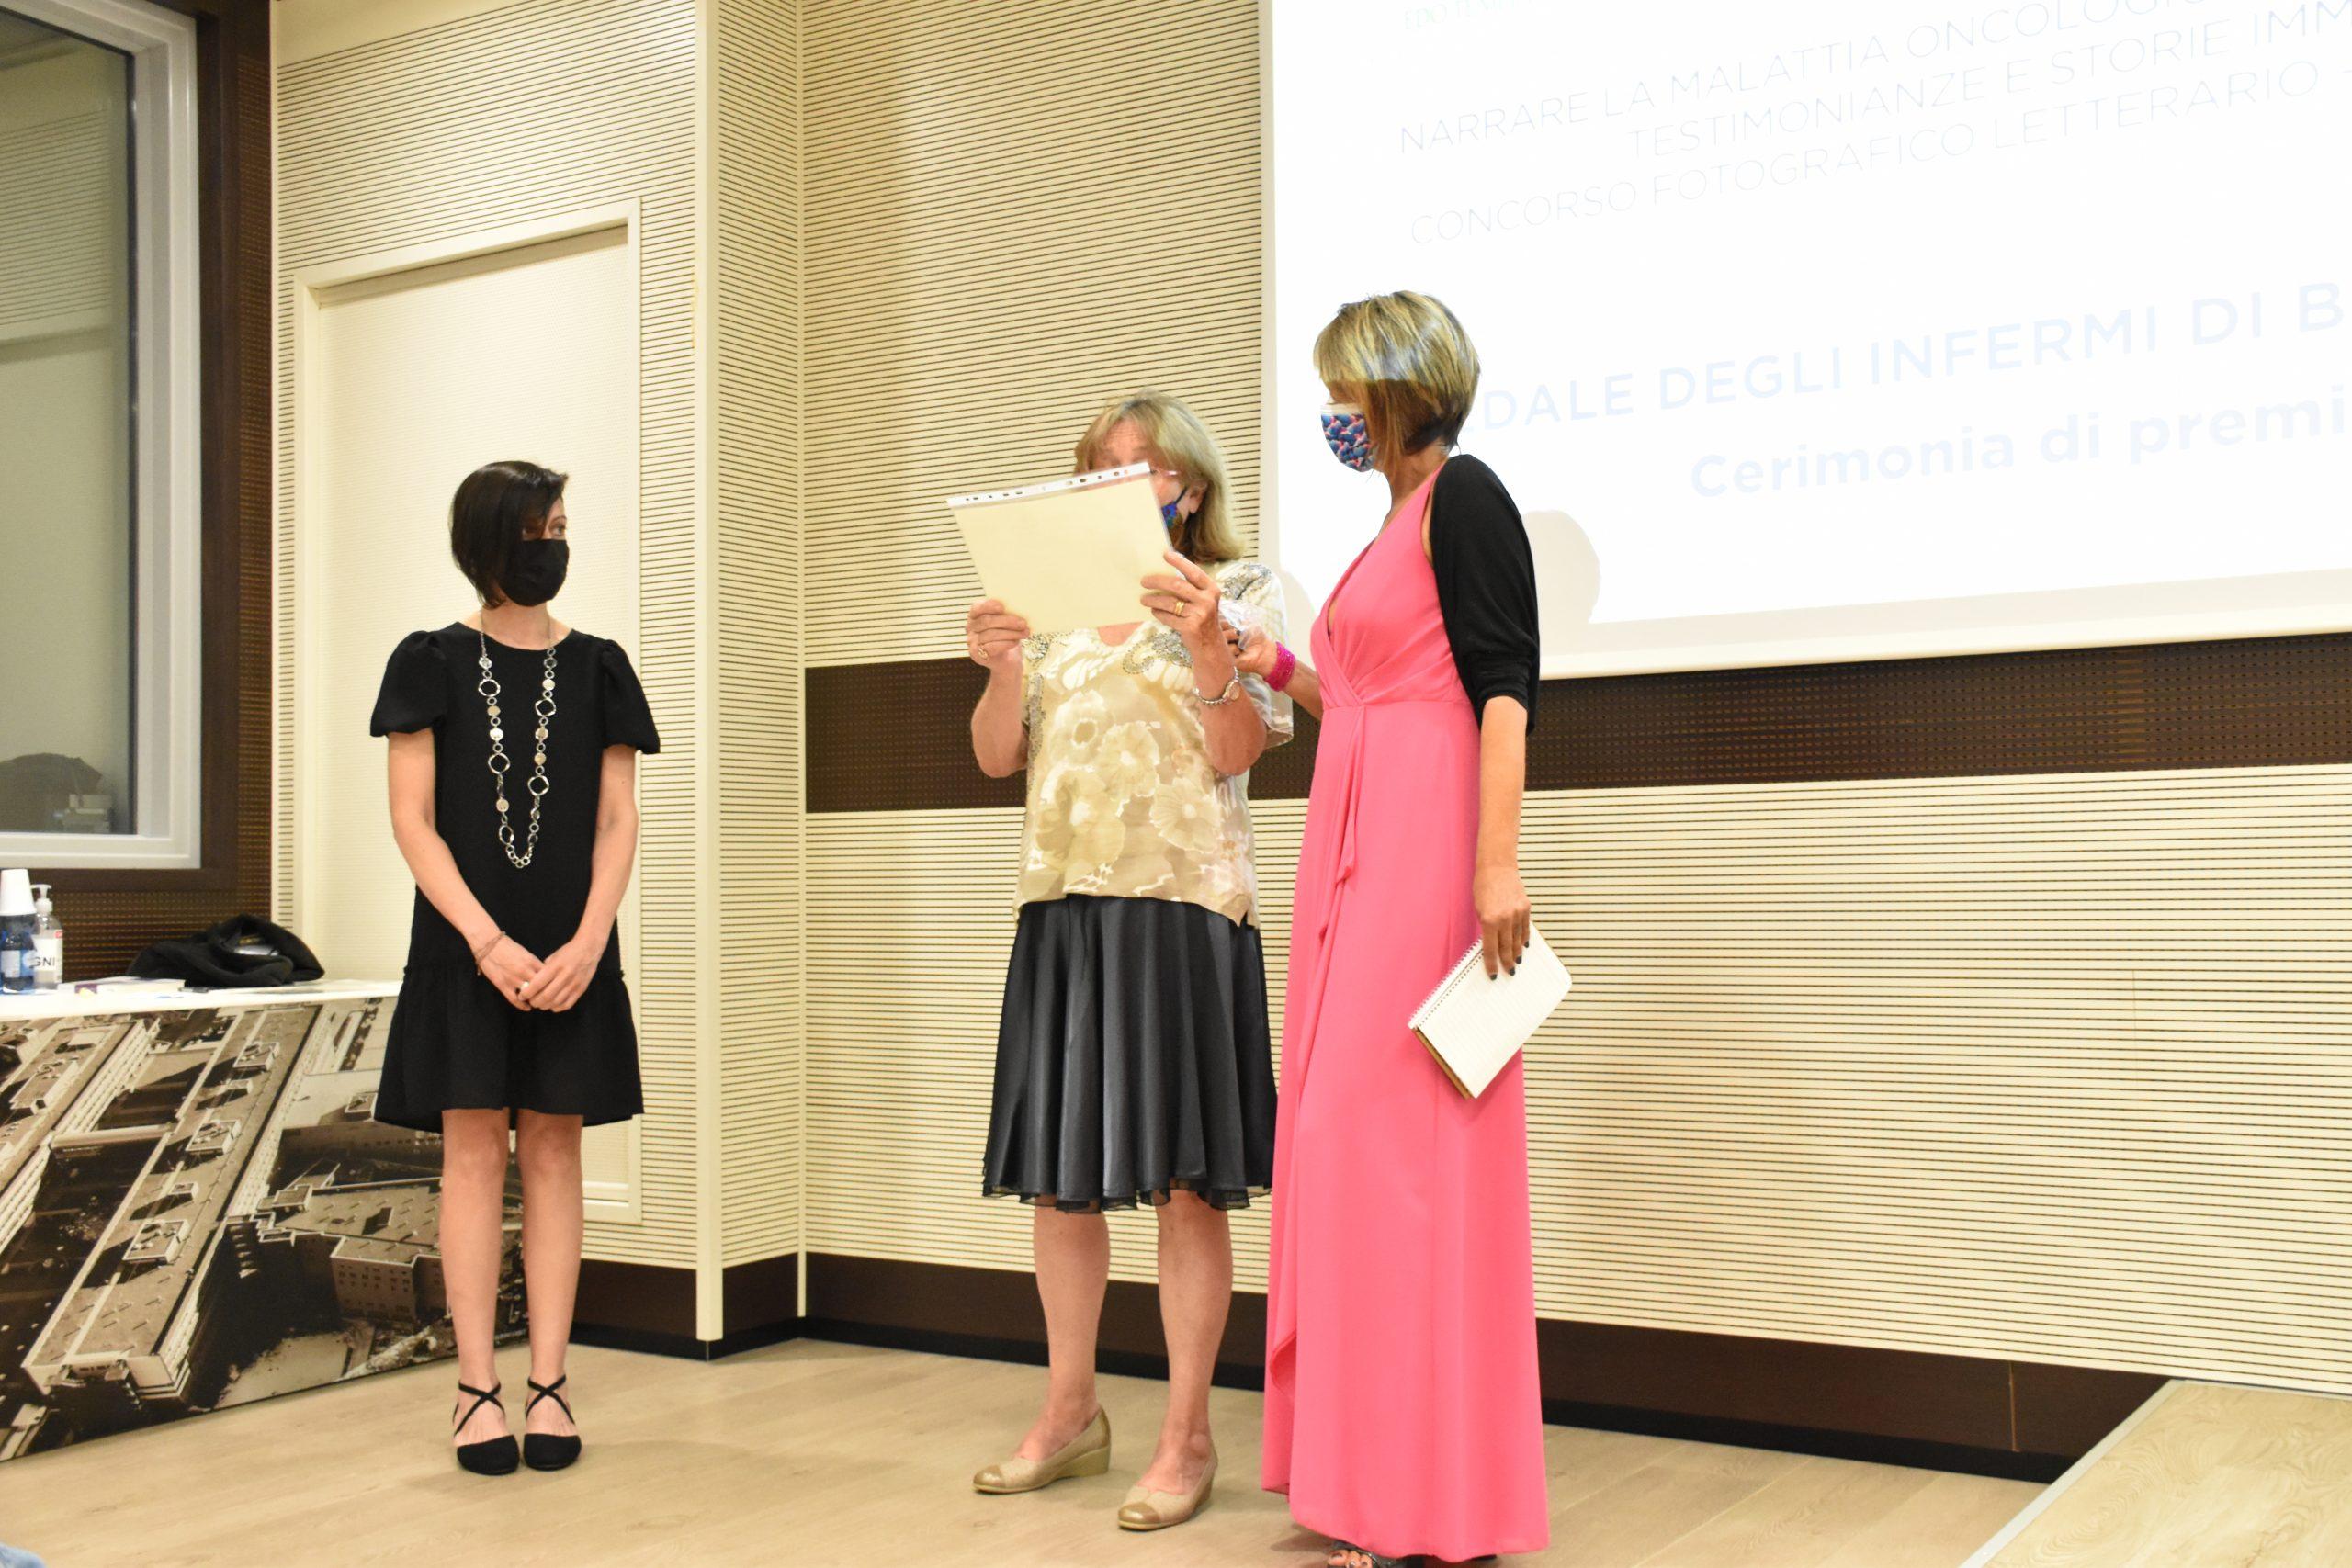 Federica Spera alla premiazione dell'edizione 2021 del concorso letterario Gim, fra sogno e realtà del Fondo Edo Tempia di Biella.